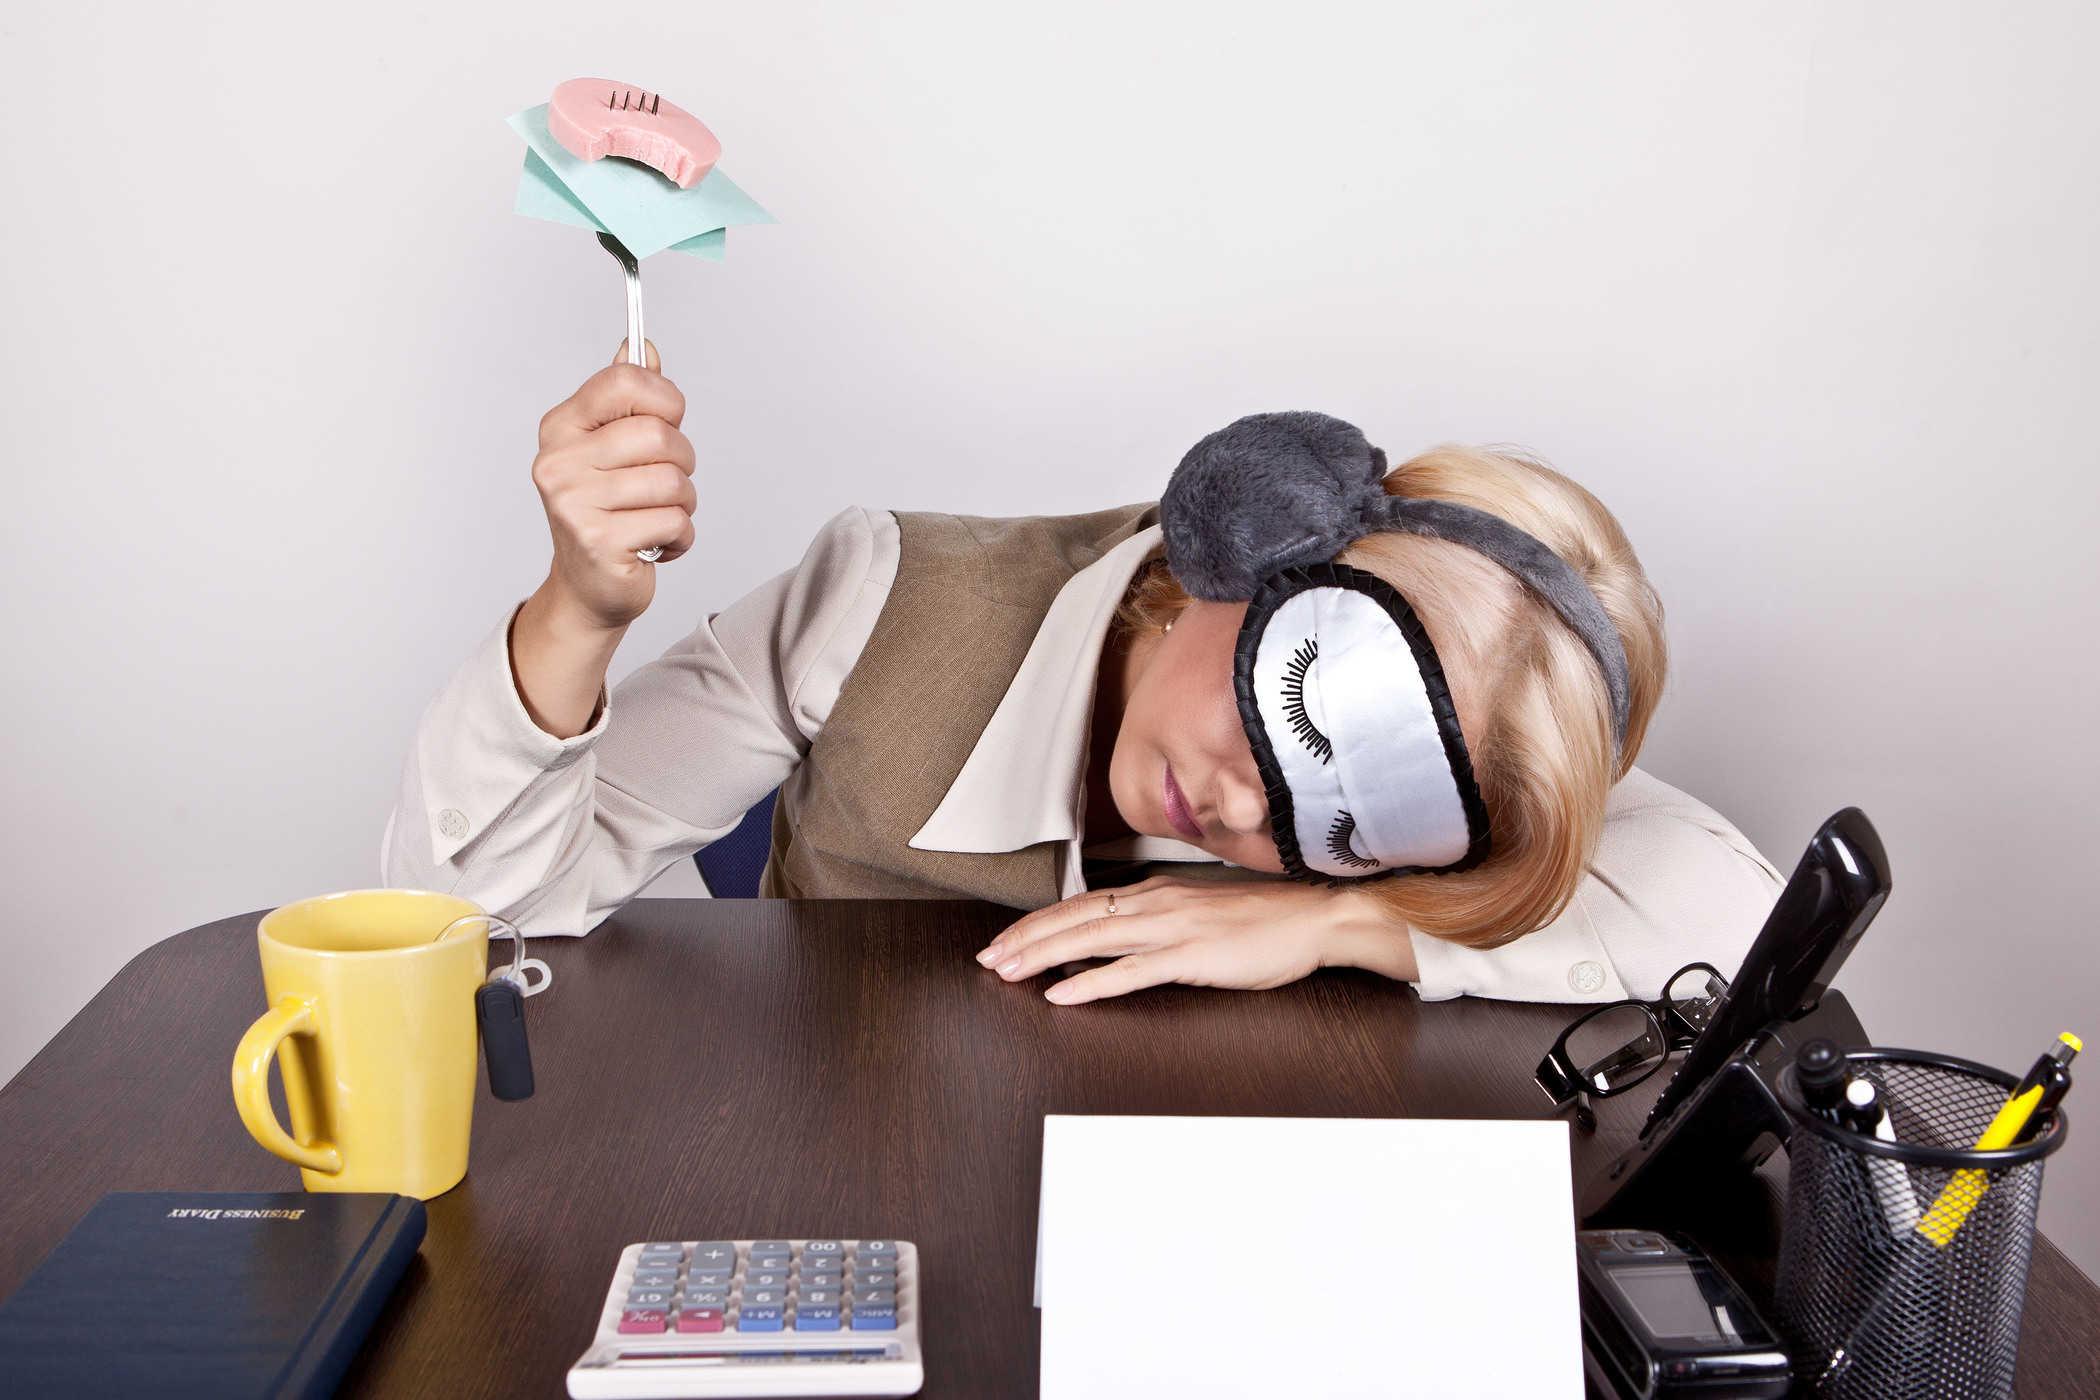 Картинки про усталость на работе и дома